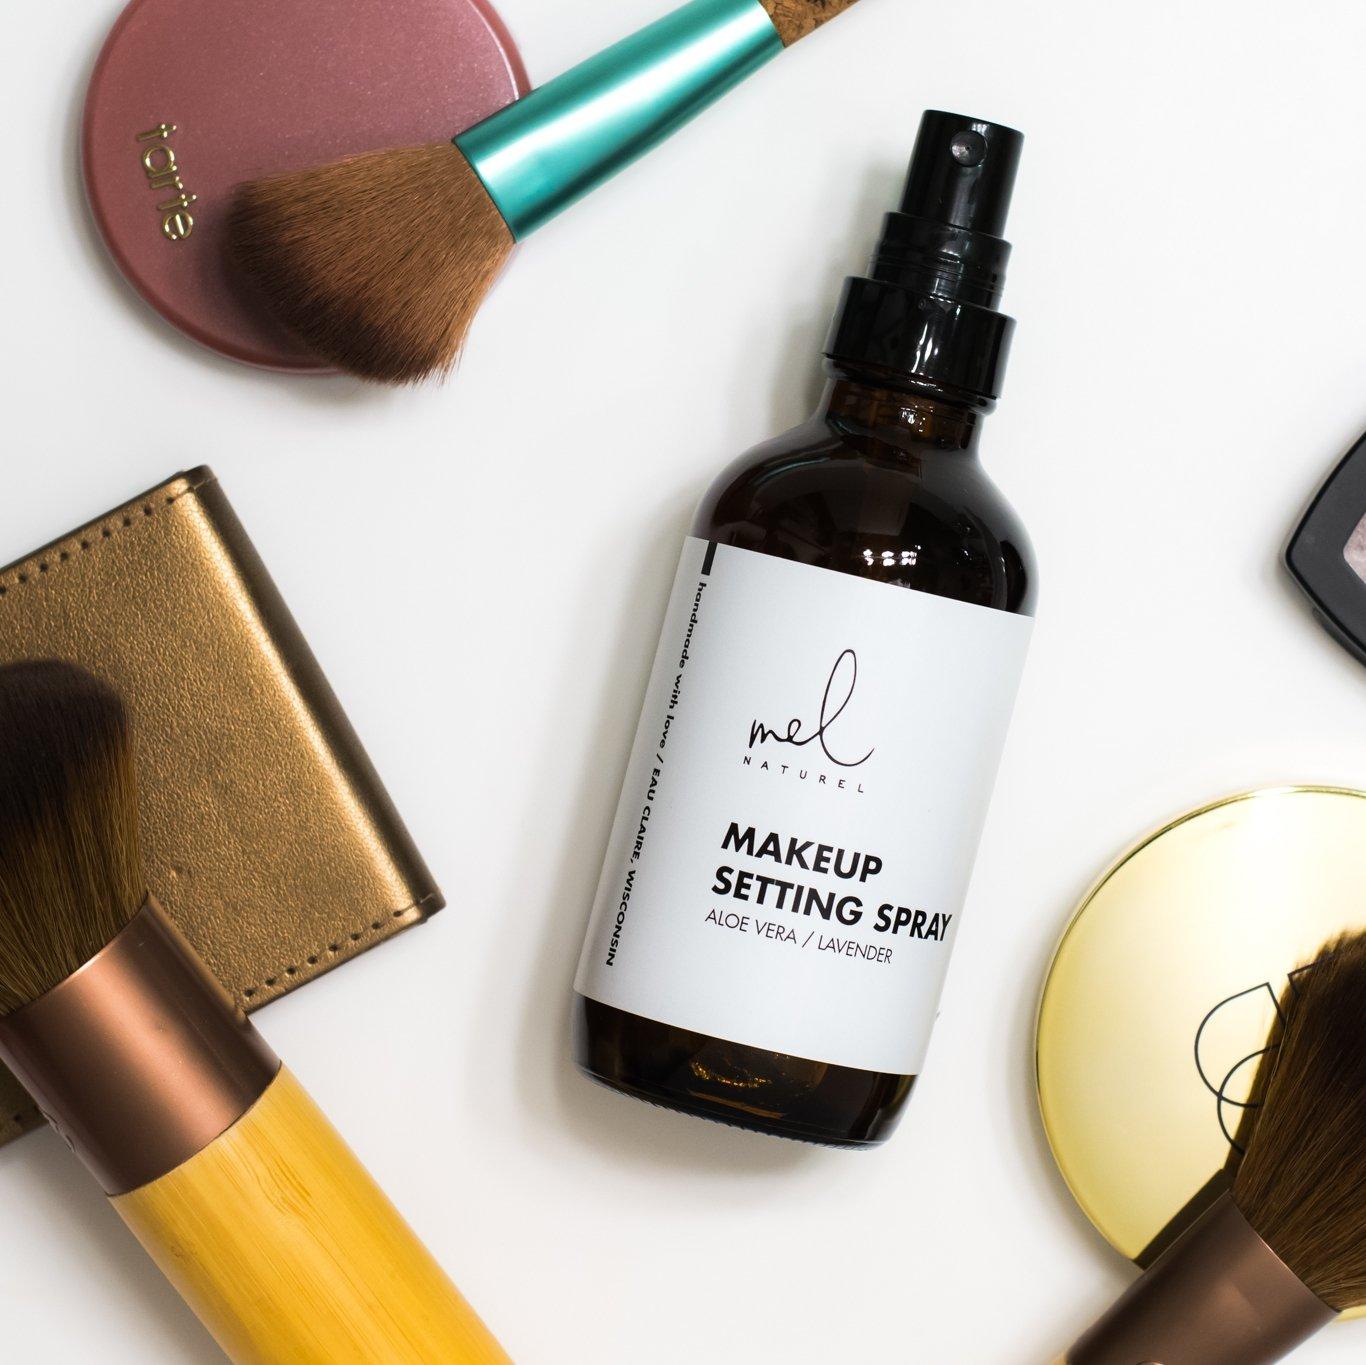 Melnaturel - Makeup Setting Spray